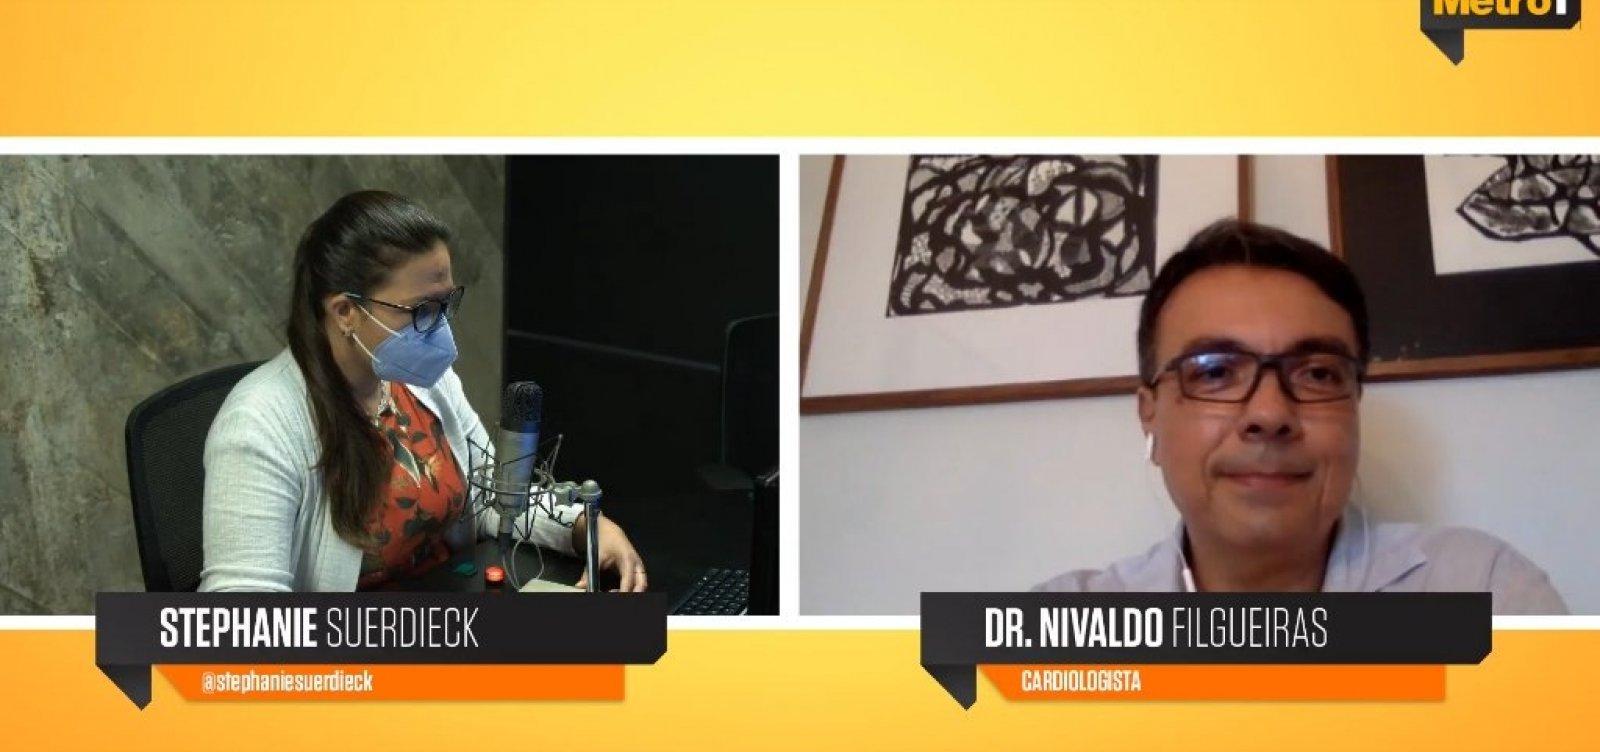 Metrópole Saúde: Cardiologista explica o que é endocardite e como evitar